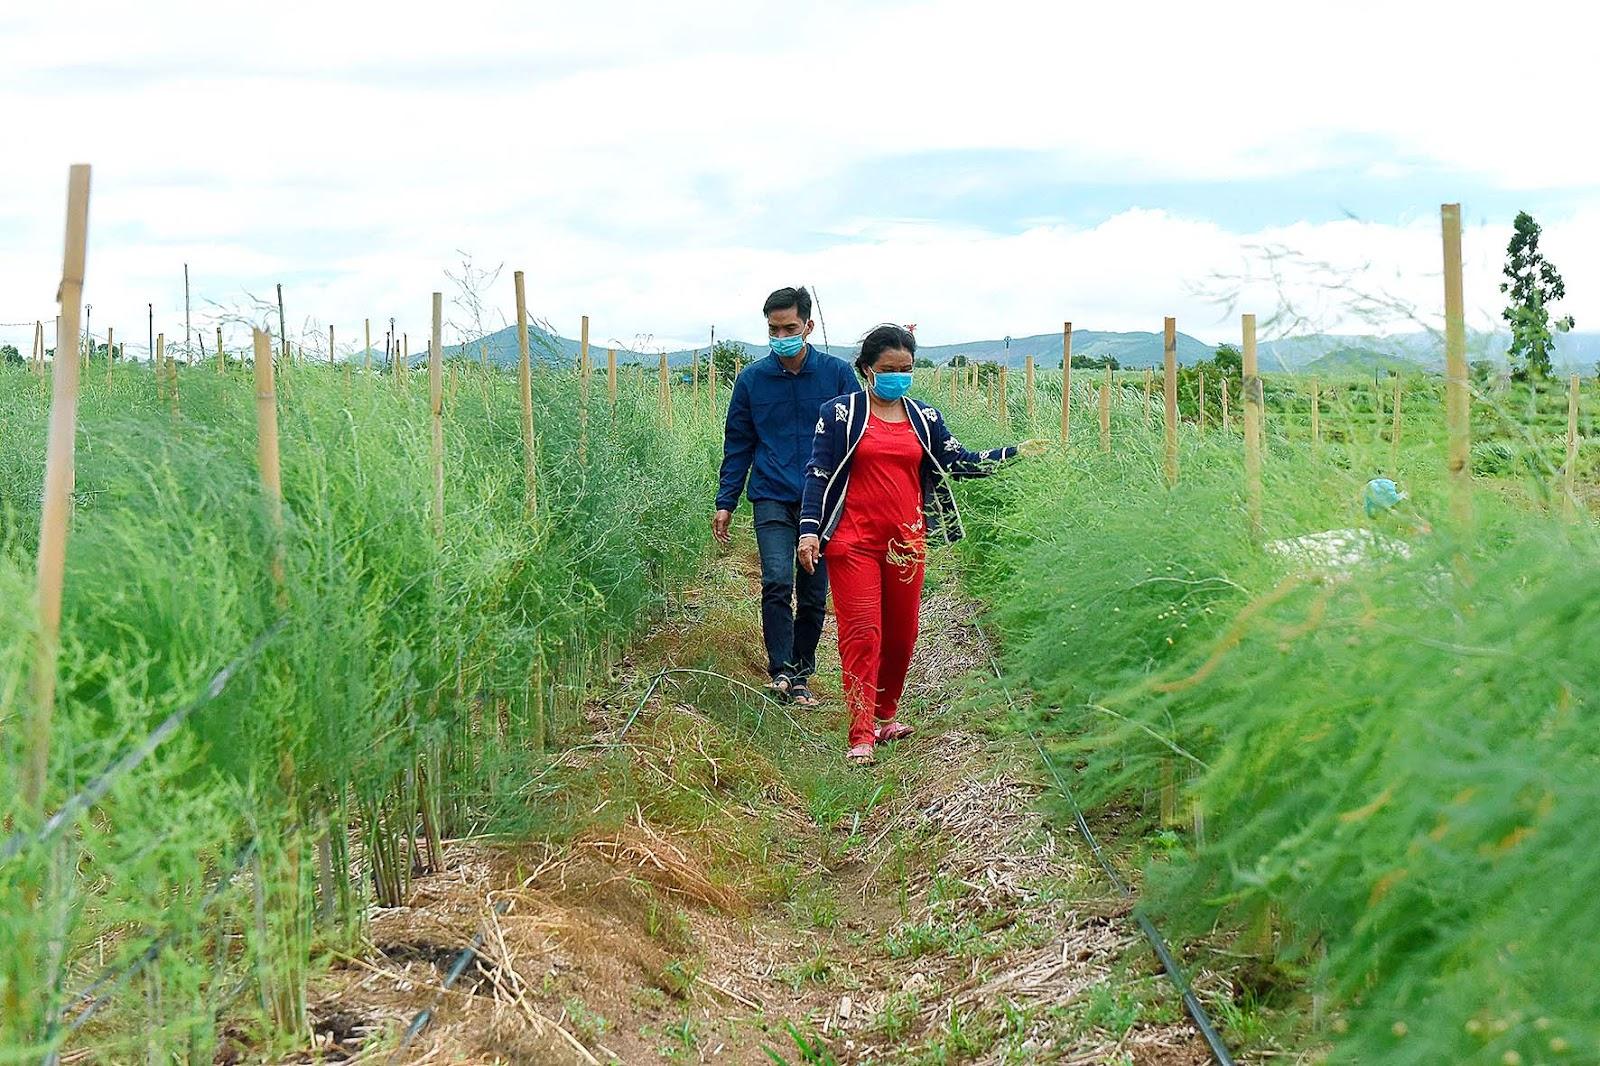 1.Dự án IDE được triển khai tại thị trấn Đak Pơ và xã Tân An (huyện Đak Pơ) từ tháng 10-2020 với 20 hộ tham gia, trong đó có 10 hộ nghèo.